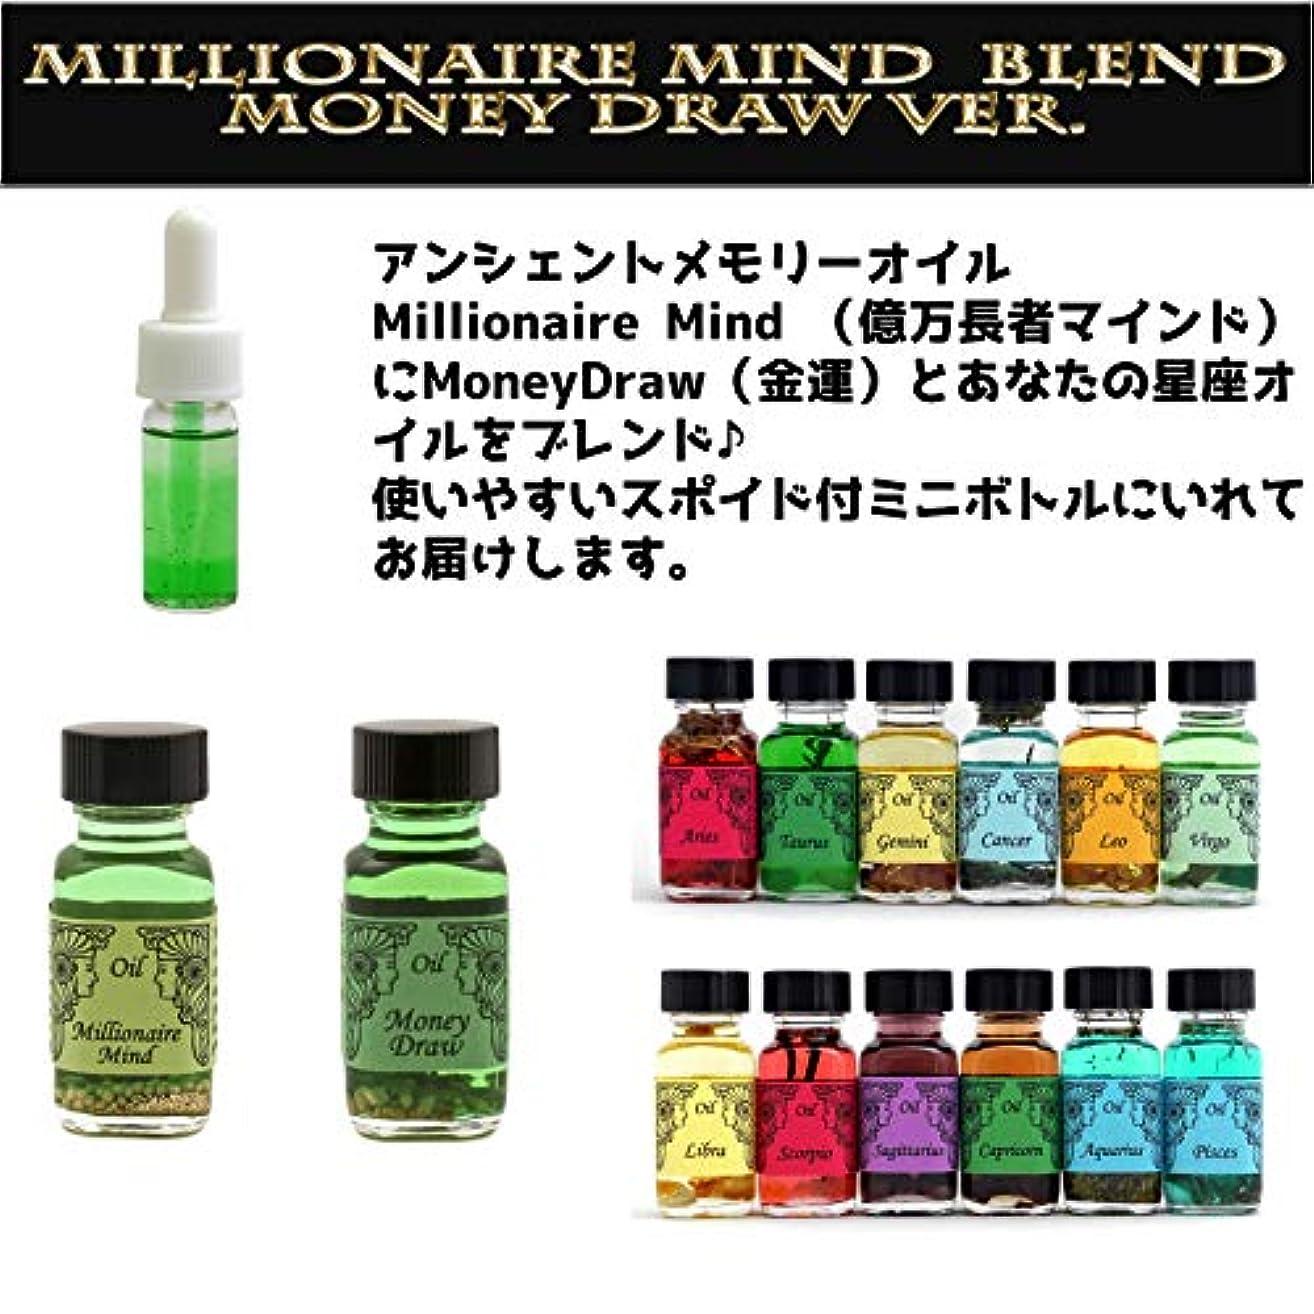 固める発生器ブランクアンシェントメモリーオイル Millionaire Mind 億万長者マインド ブレンド(Money Drawマネードロー(金運)&さそり座